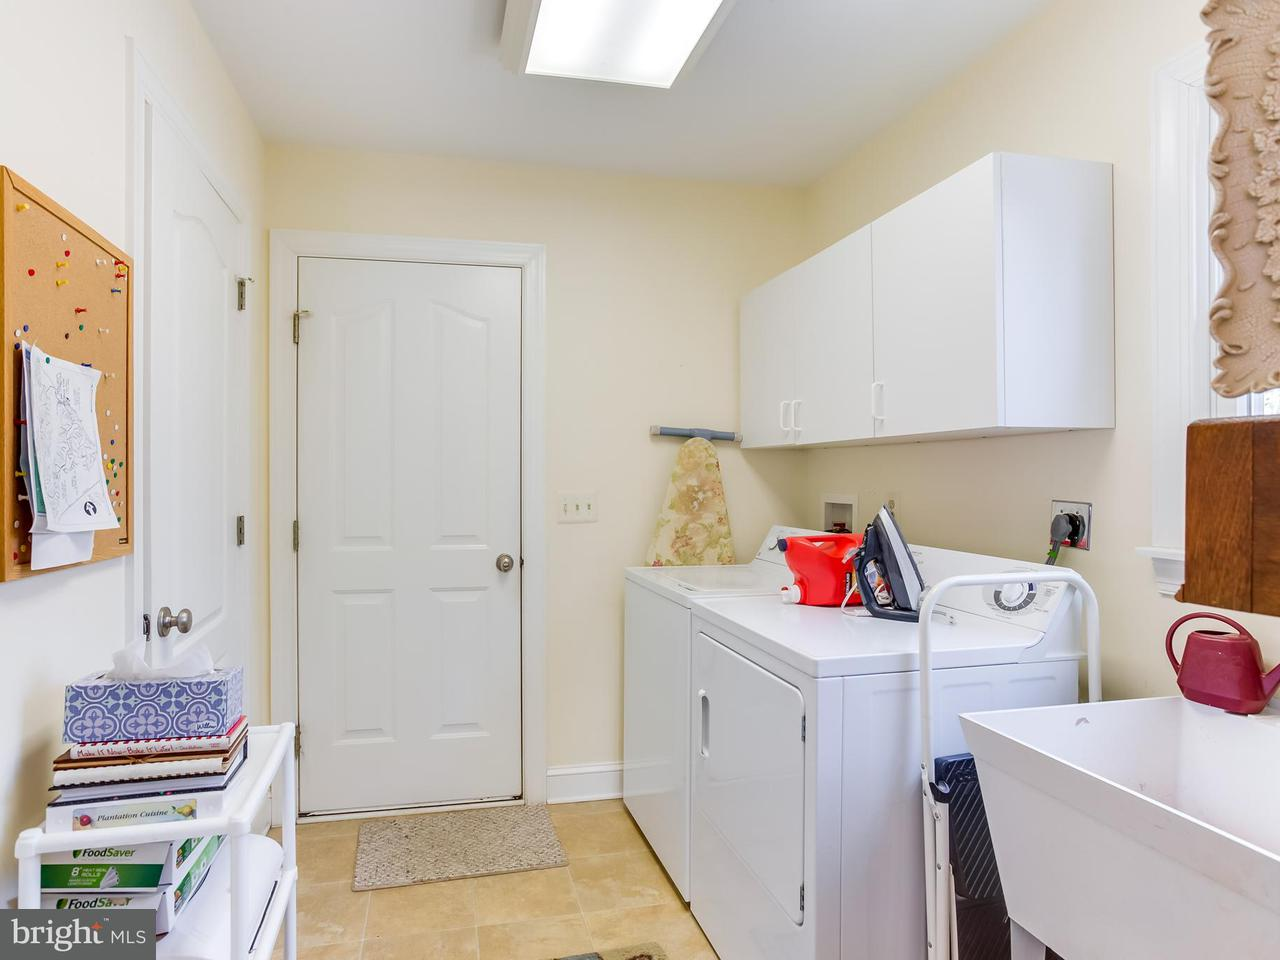 Μονοκατοικία για την Πώληση στο 504 Cornwallis Avenue 504 Cornwallis Avenue Locust Grove, Βιρτζινια 22508 Ηνωμενεσ Πολιτειεσ